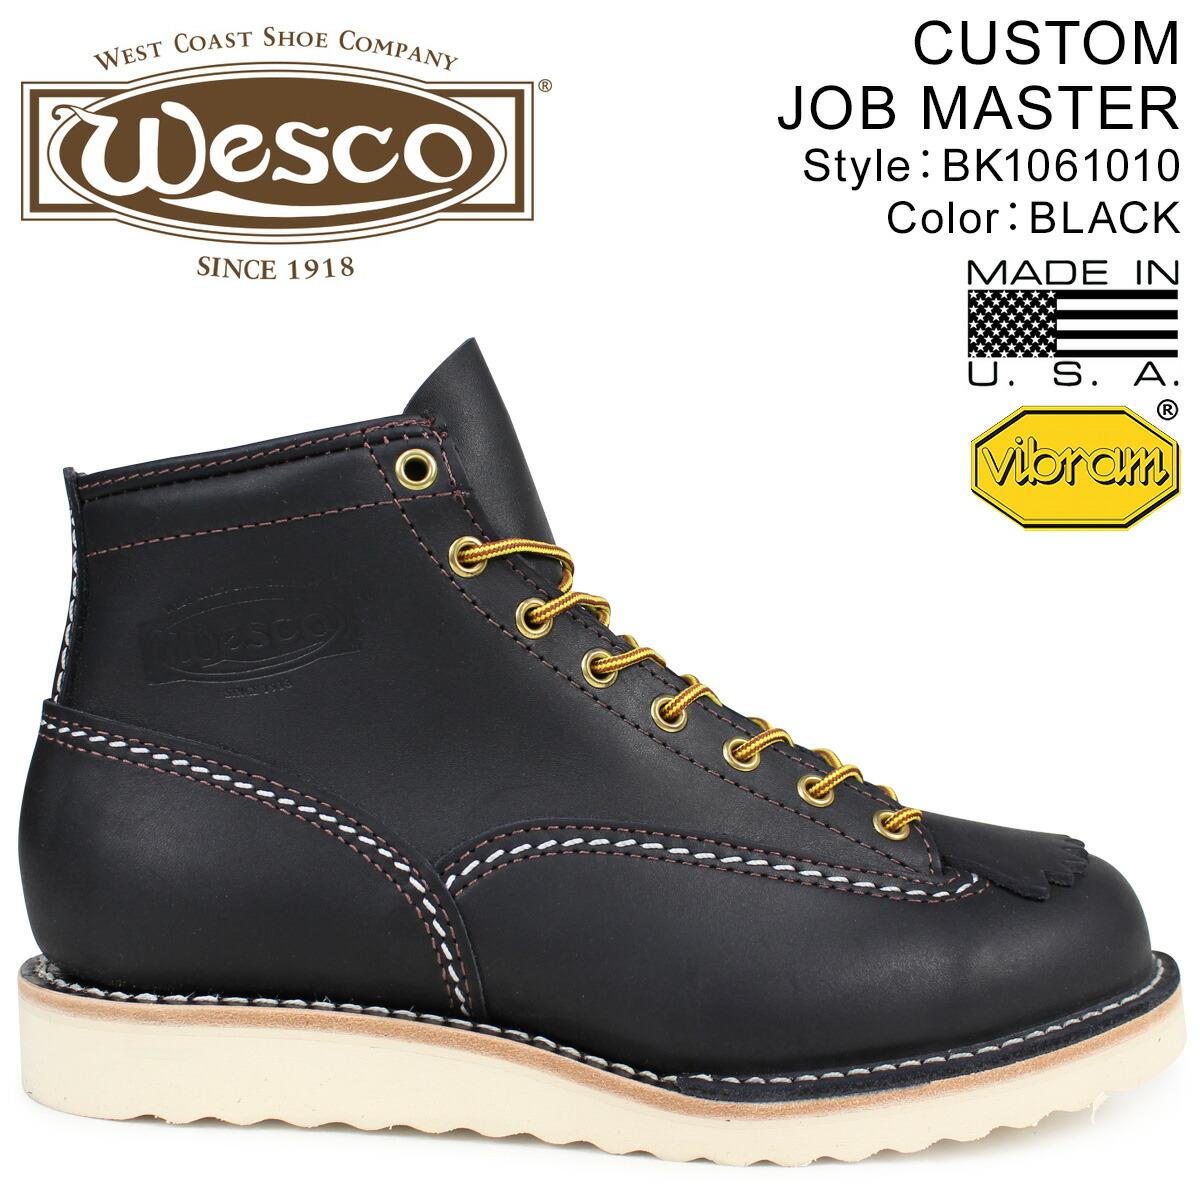 ウエスコ ジョブマスター WESCO ブーツ 6インチ カスタム 6INCH CUSTOM JOB MASTER 2Eワイズ レザー メンズ ブラック BK1061010 ウェスコ [2/1 新入荷]